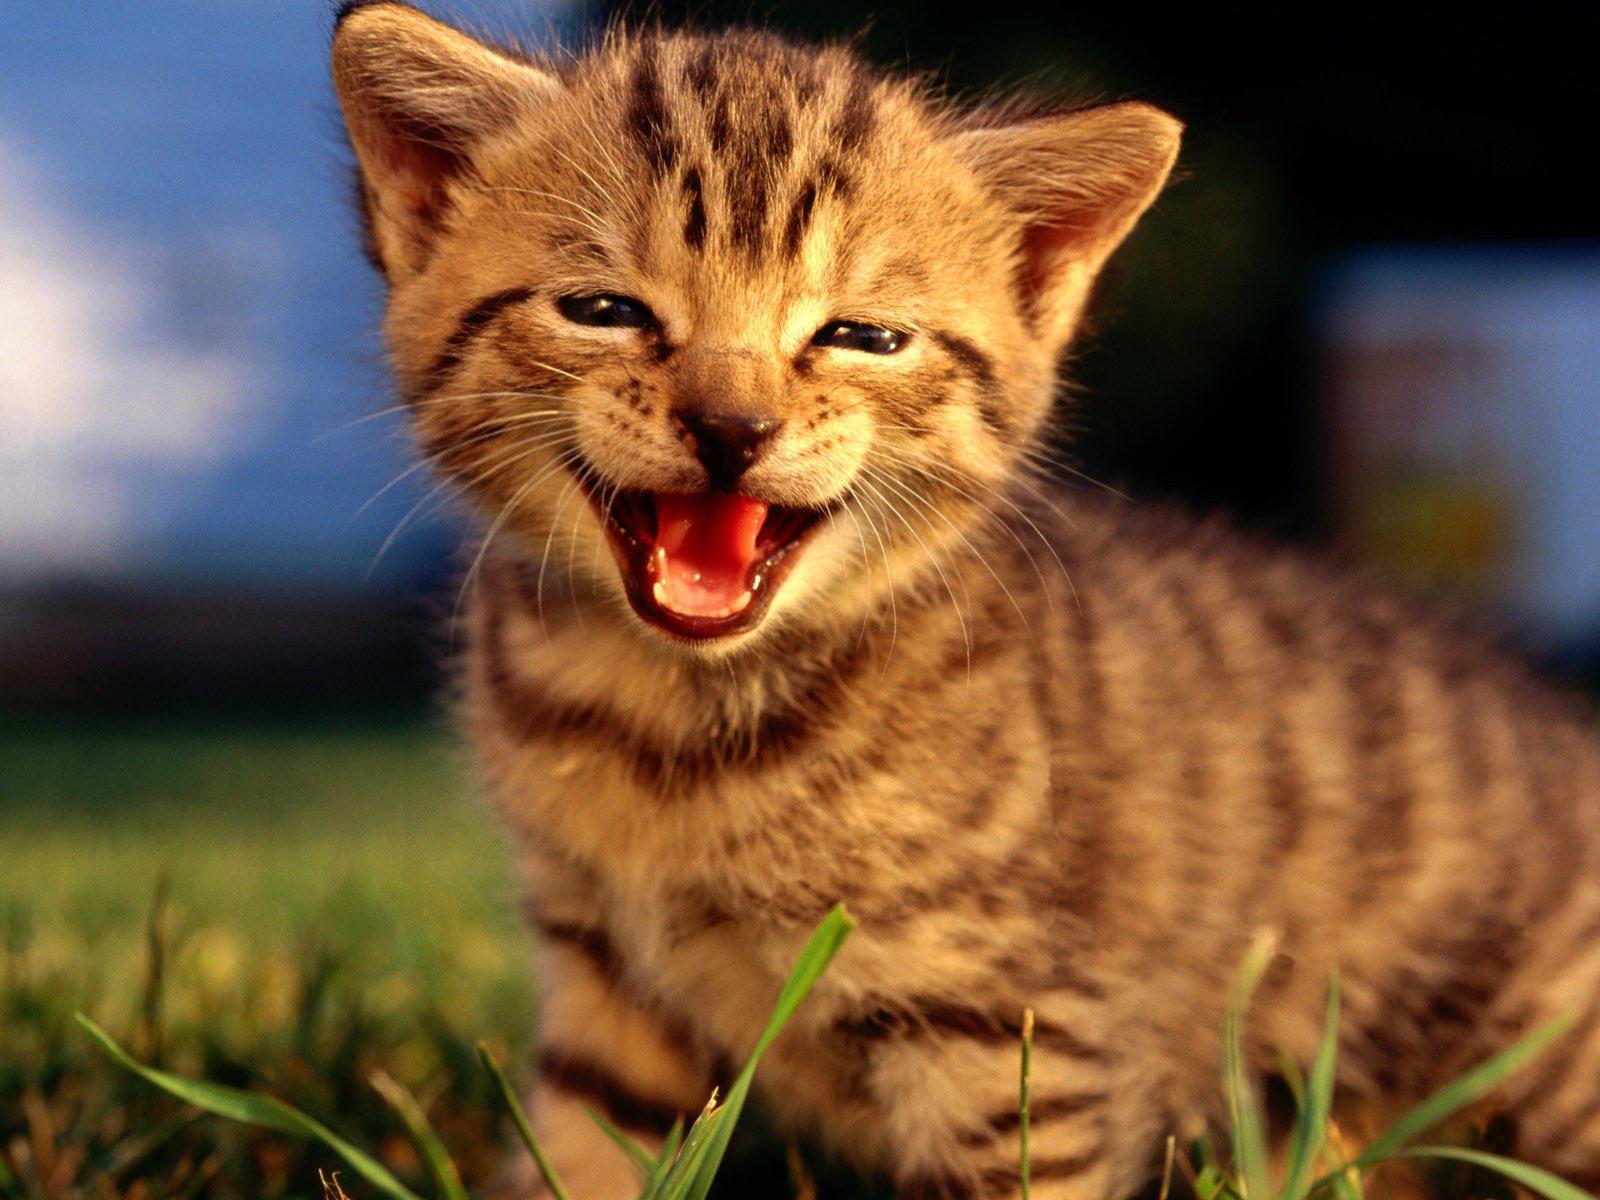 Смешные картинки с улыбками животных, загадочная женщина